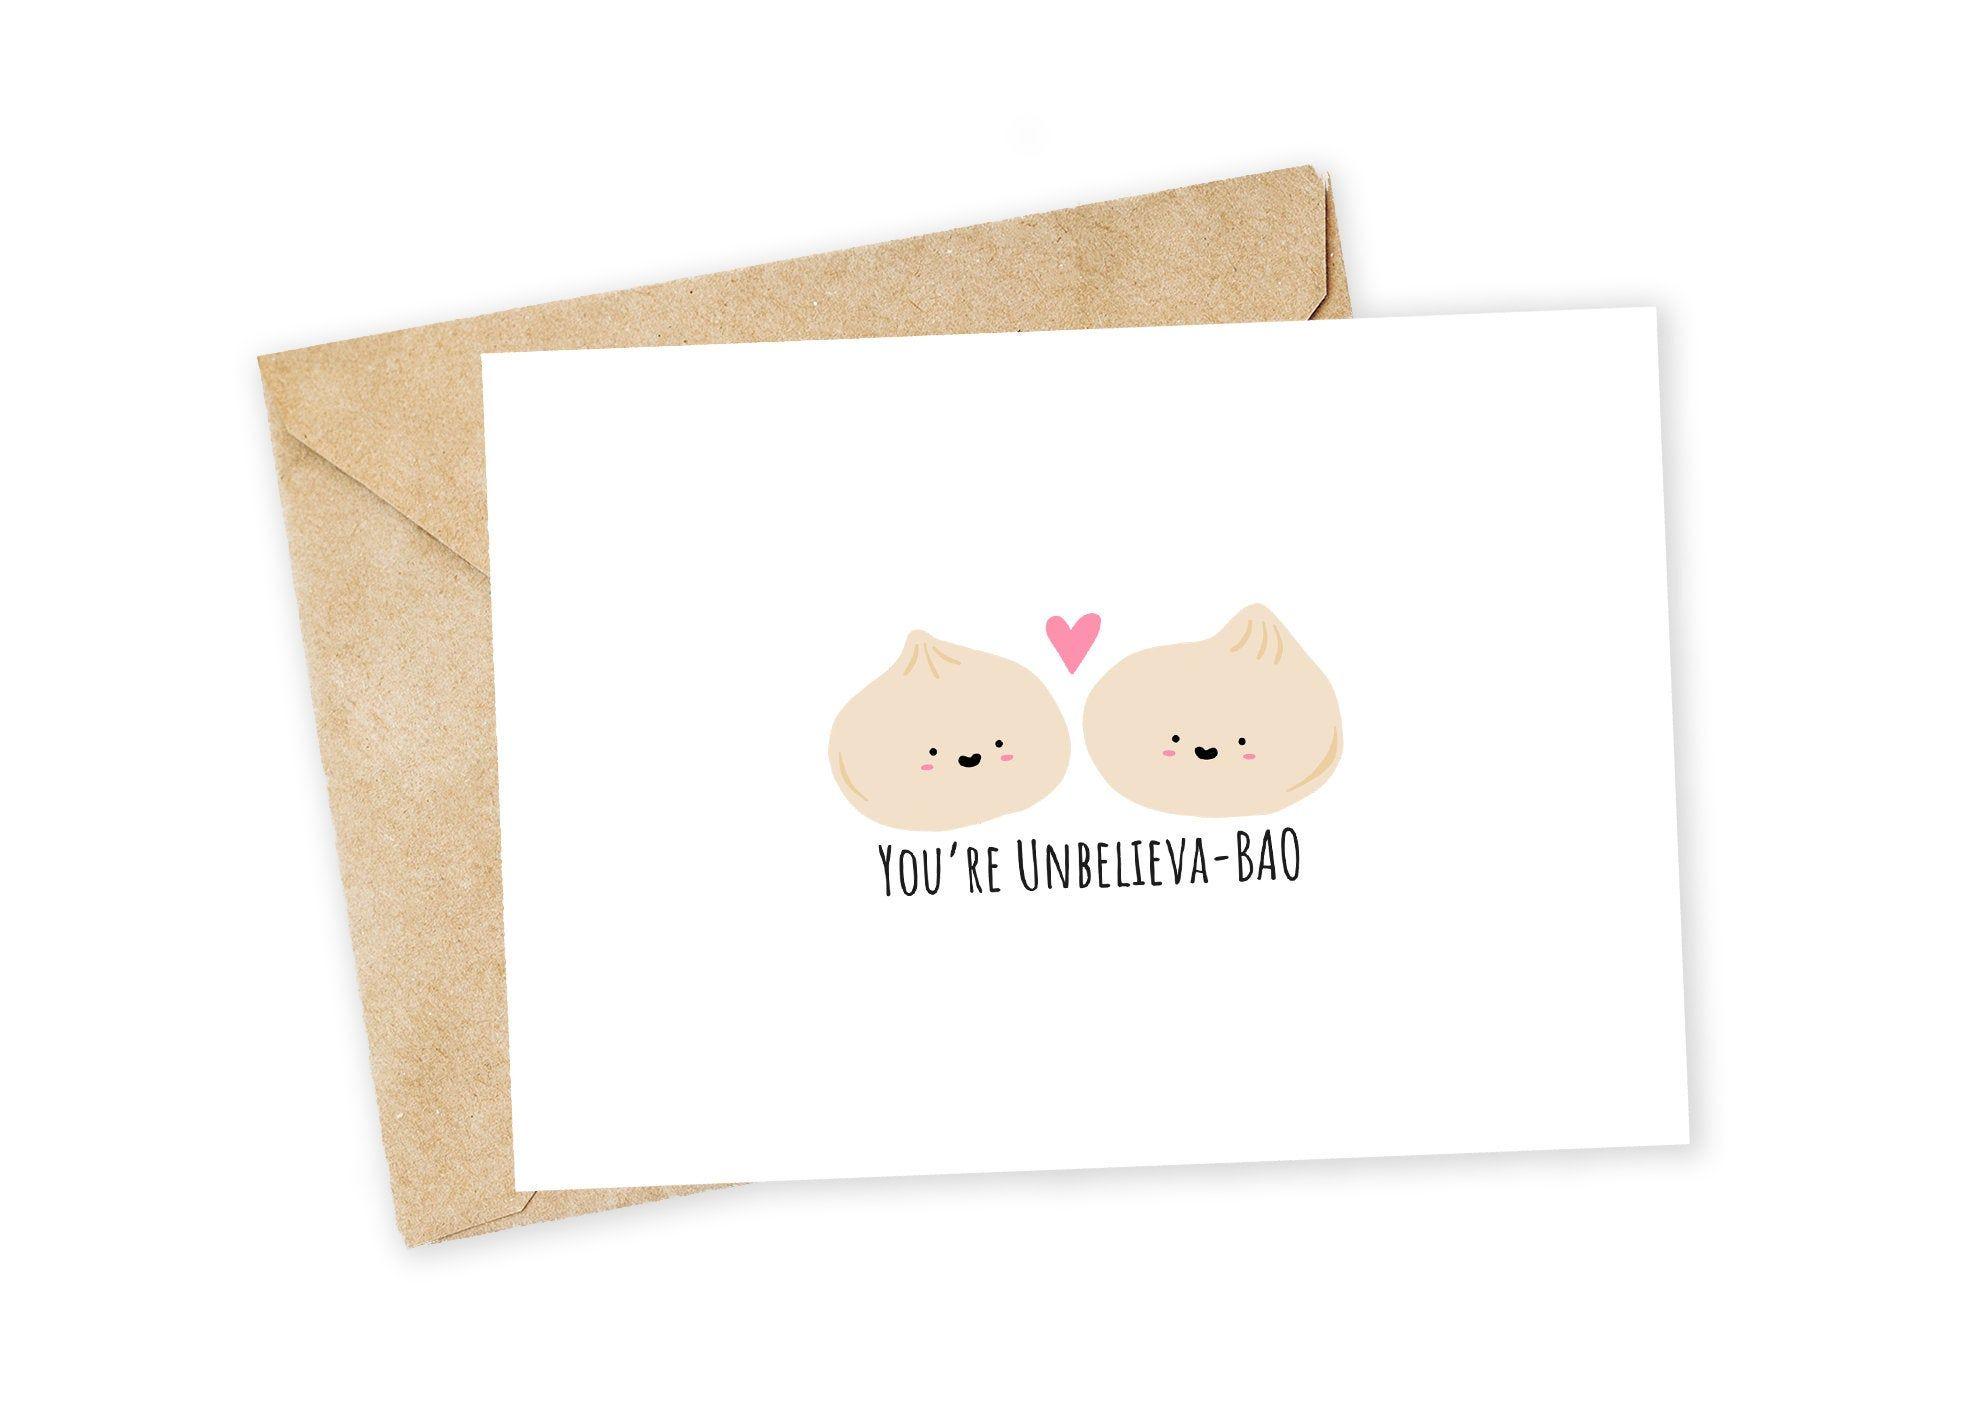 Have a BUN Birthday! Food Pun Birthday Cards Bun  Bao